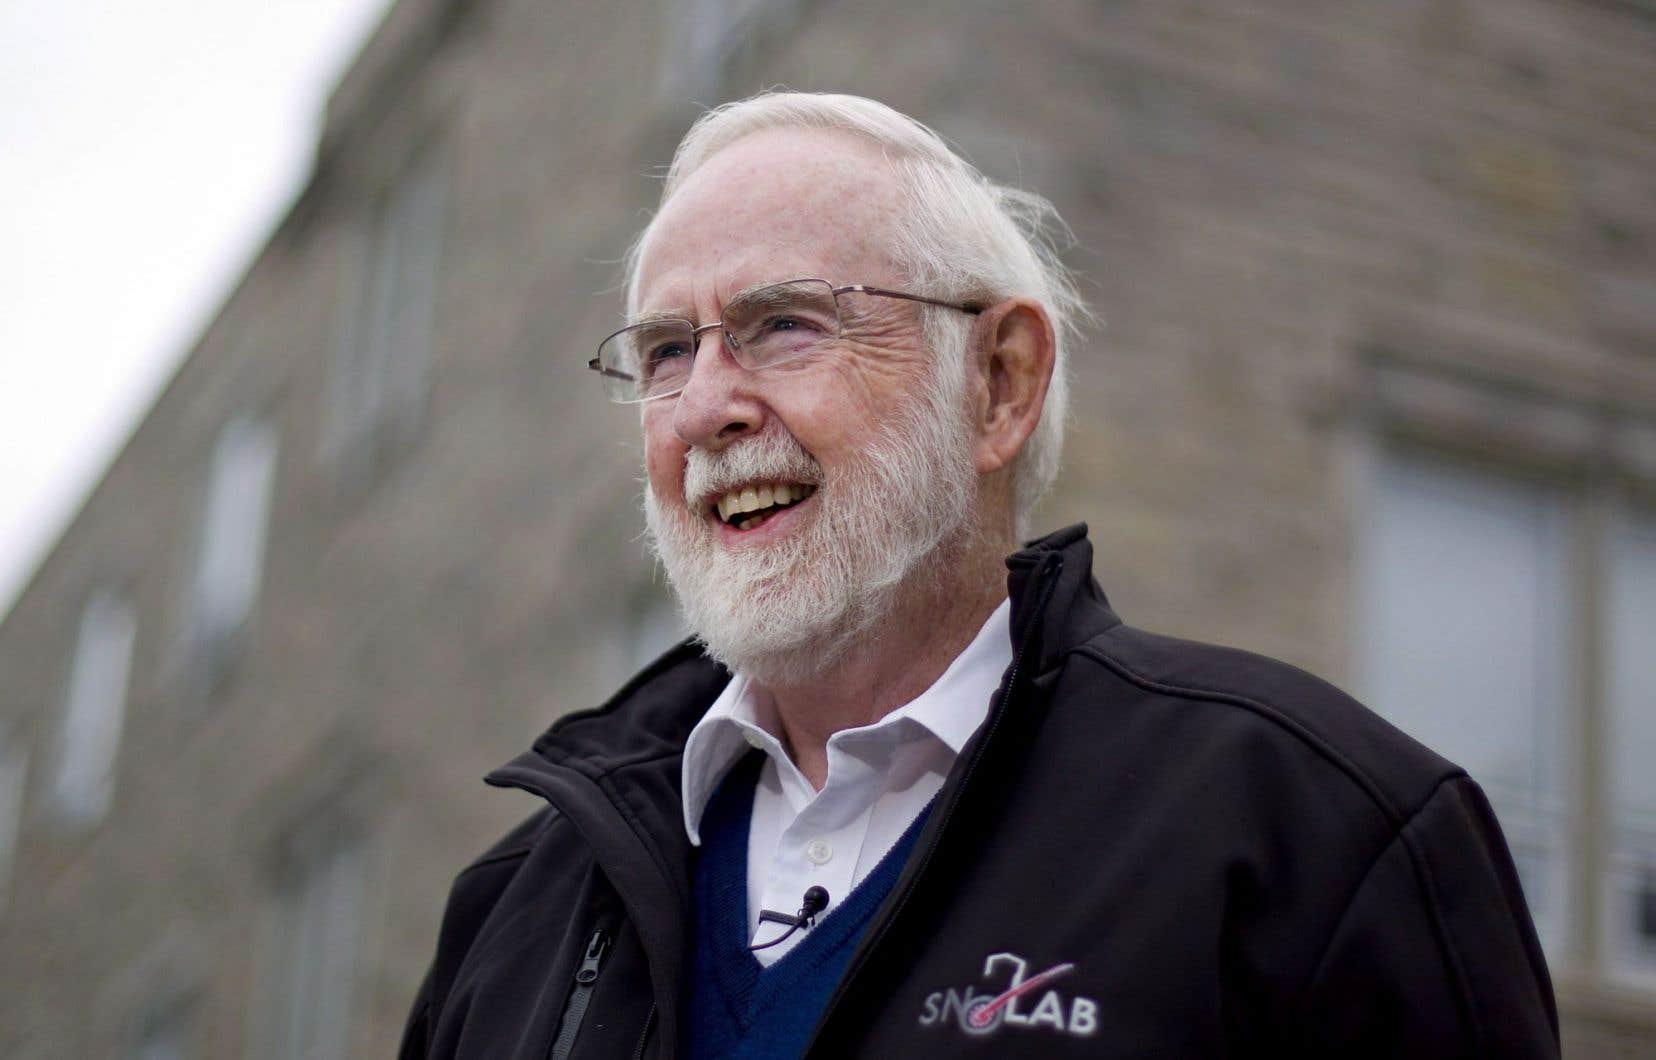 Le Canadien Arthur McDonald vient de remporter le prix Nobel de physique, qu'il partage avec le Japonais Takaaki Kajita.